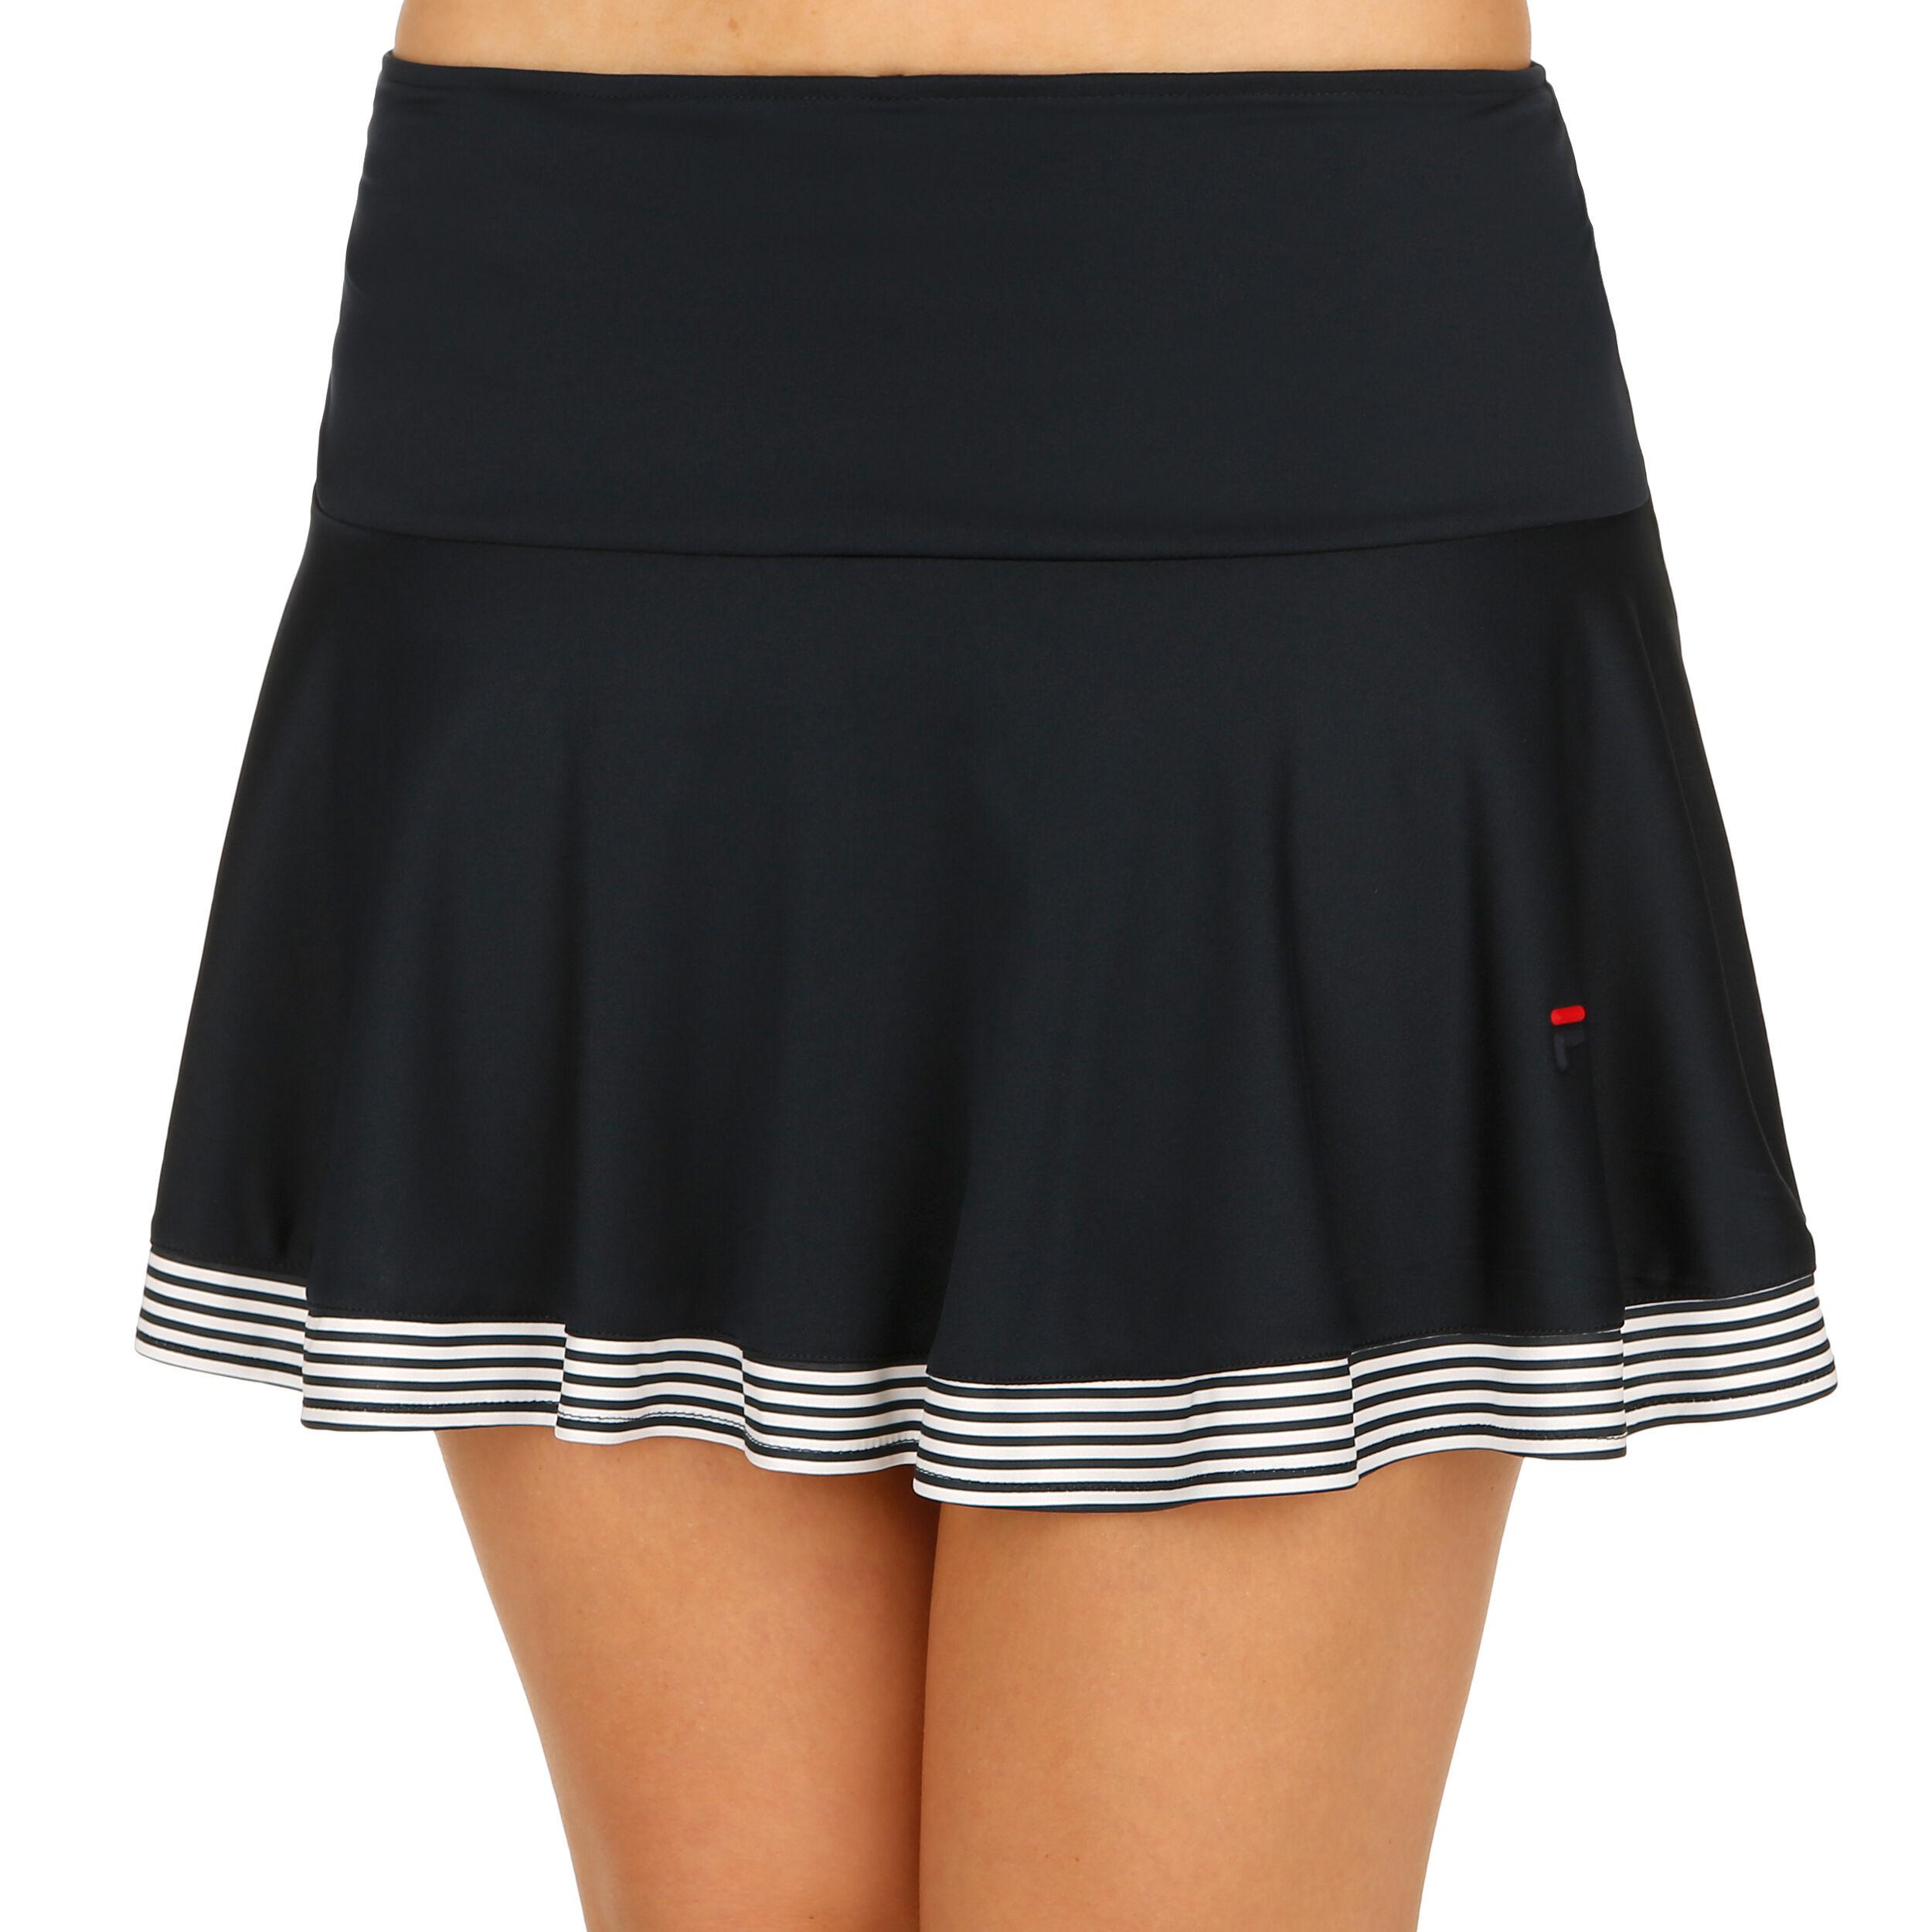 Fila Sally Rock Damen Blau, Weiß online kaufen | Tennis Point